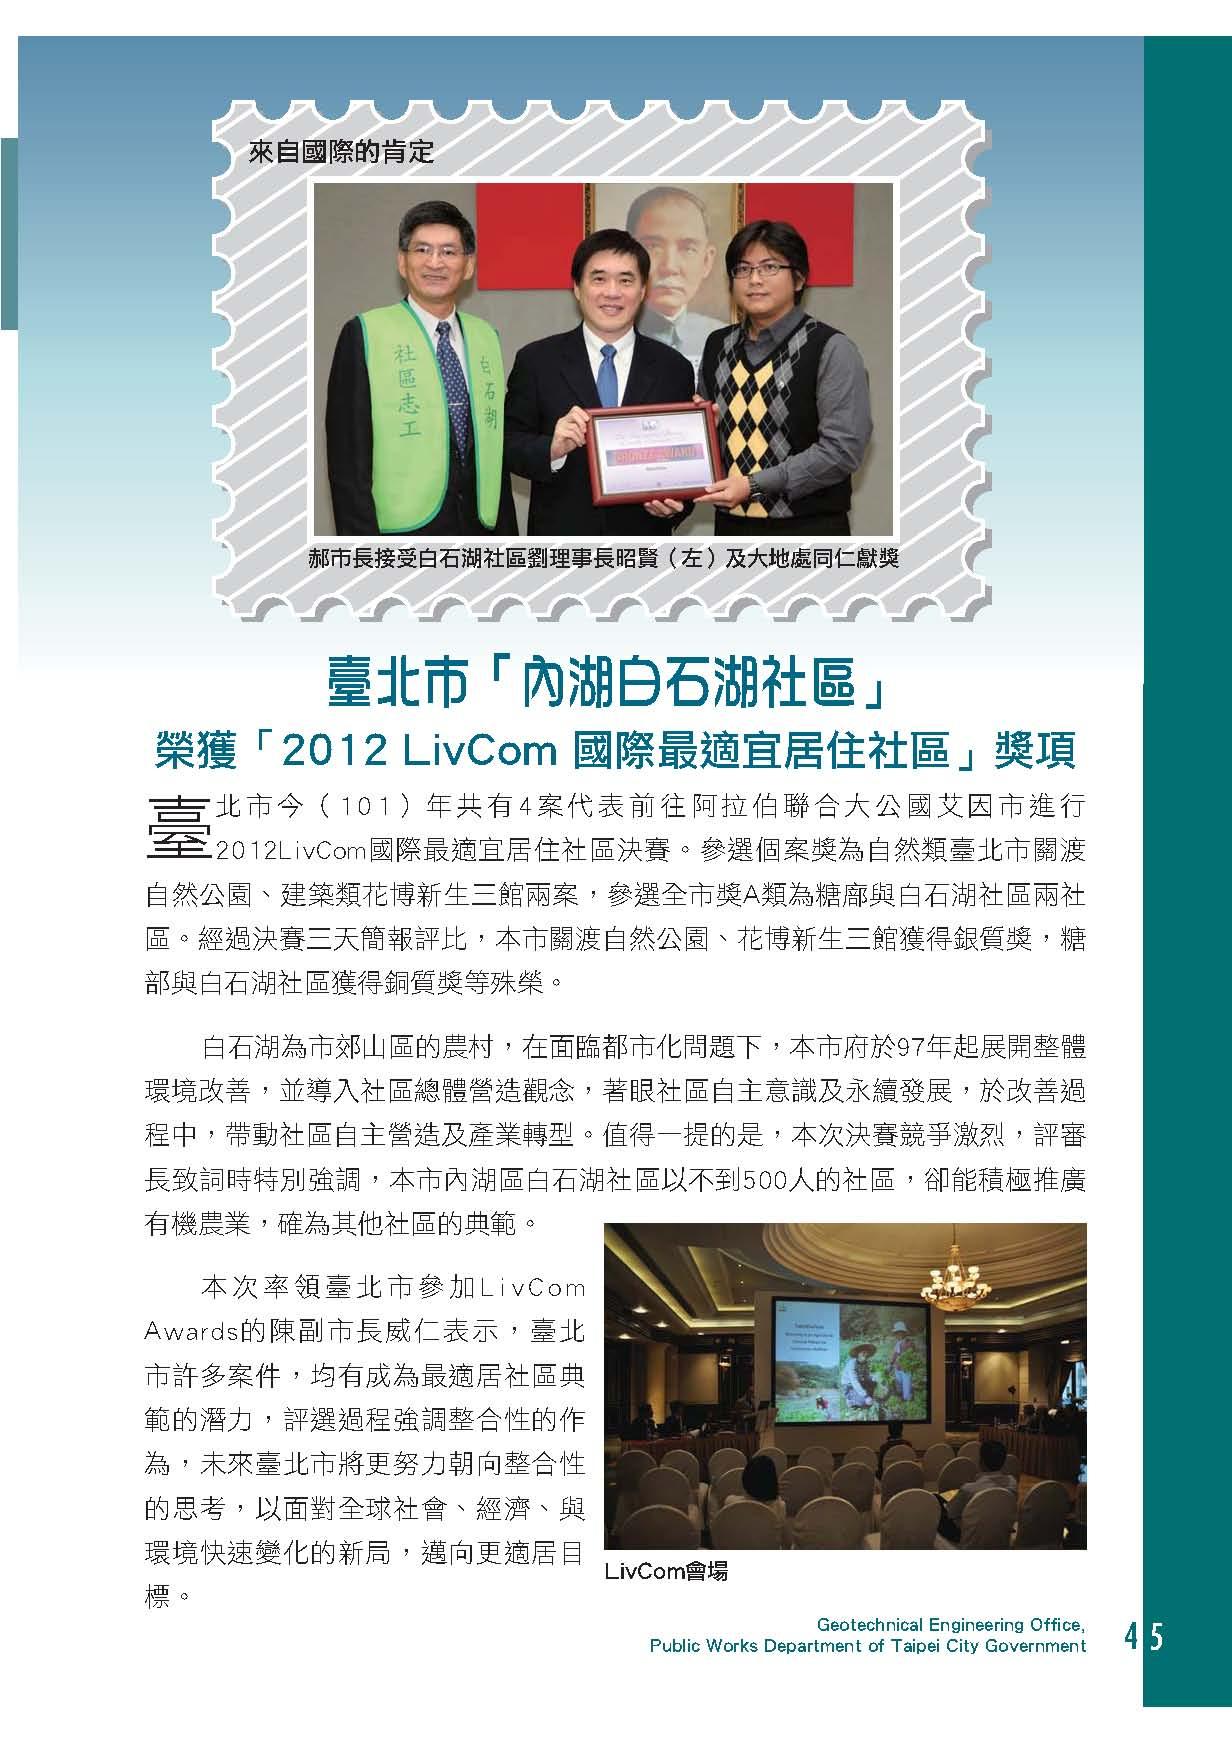 2012年LivCom國際最適宜居住社區獎 資料來源:大地季刊no.3